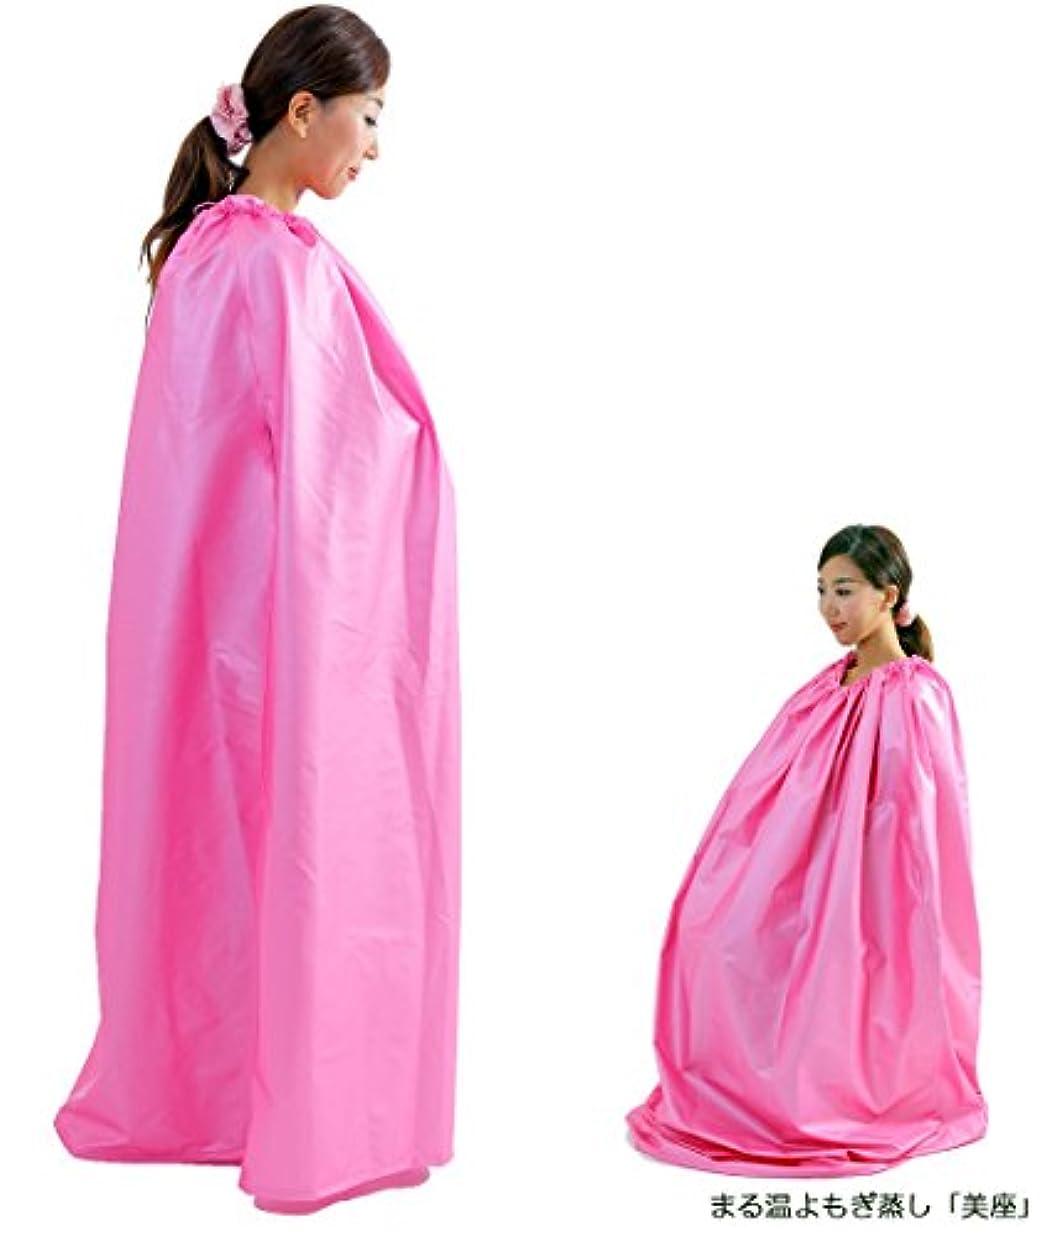 外出チャーミングレジ【ピンク】よもぎ蒸し用マント?ピンク色?軽くて厚いポリウレタン素材?優れた保温?保湿